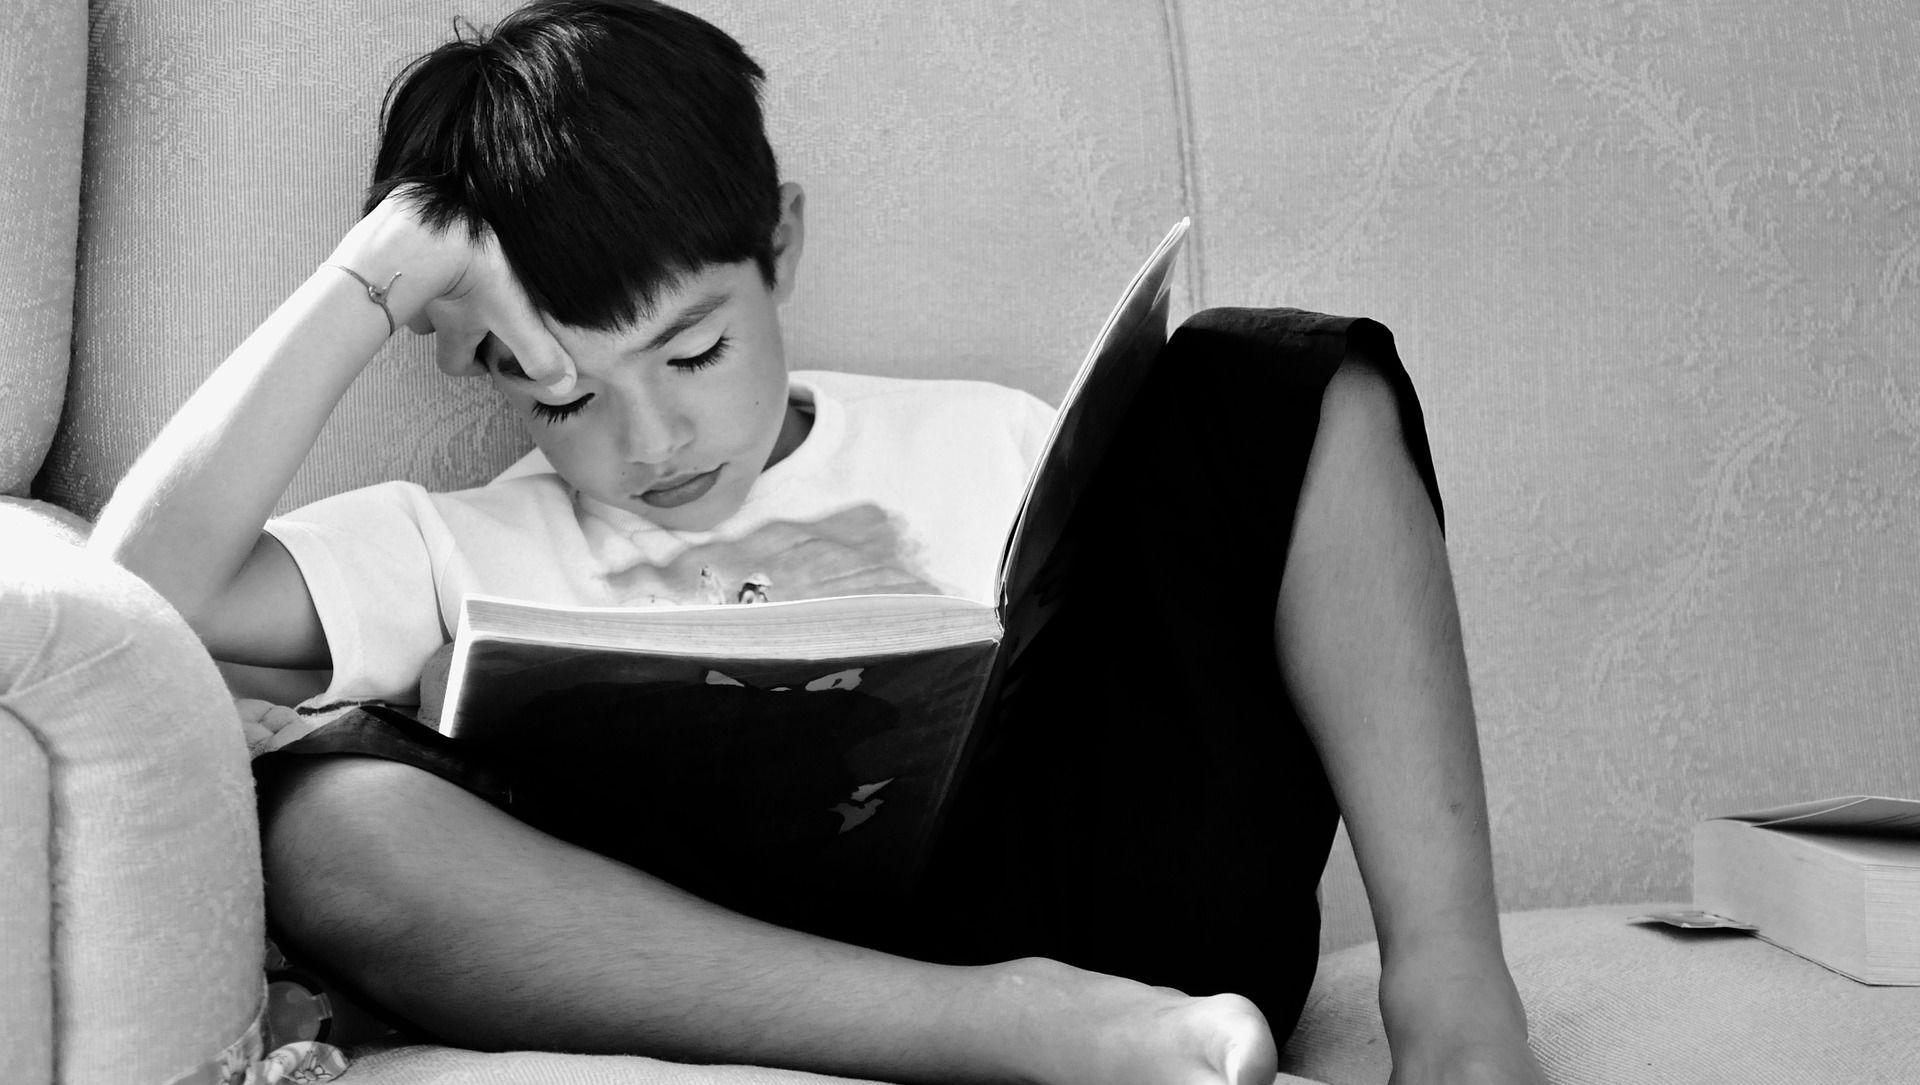 ბიჭი კითხულობს წიგნს  - Sputnik საქართველო, 1920, 19.02.2021